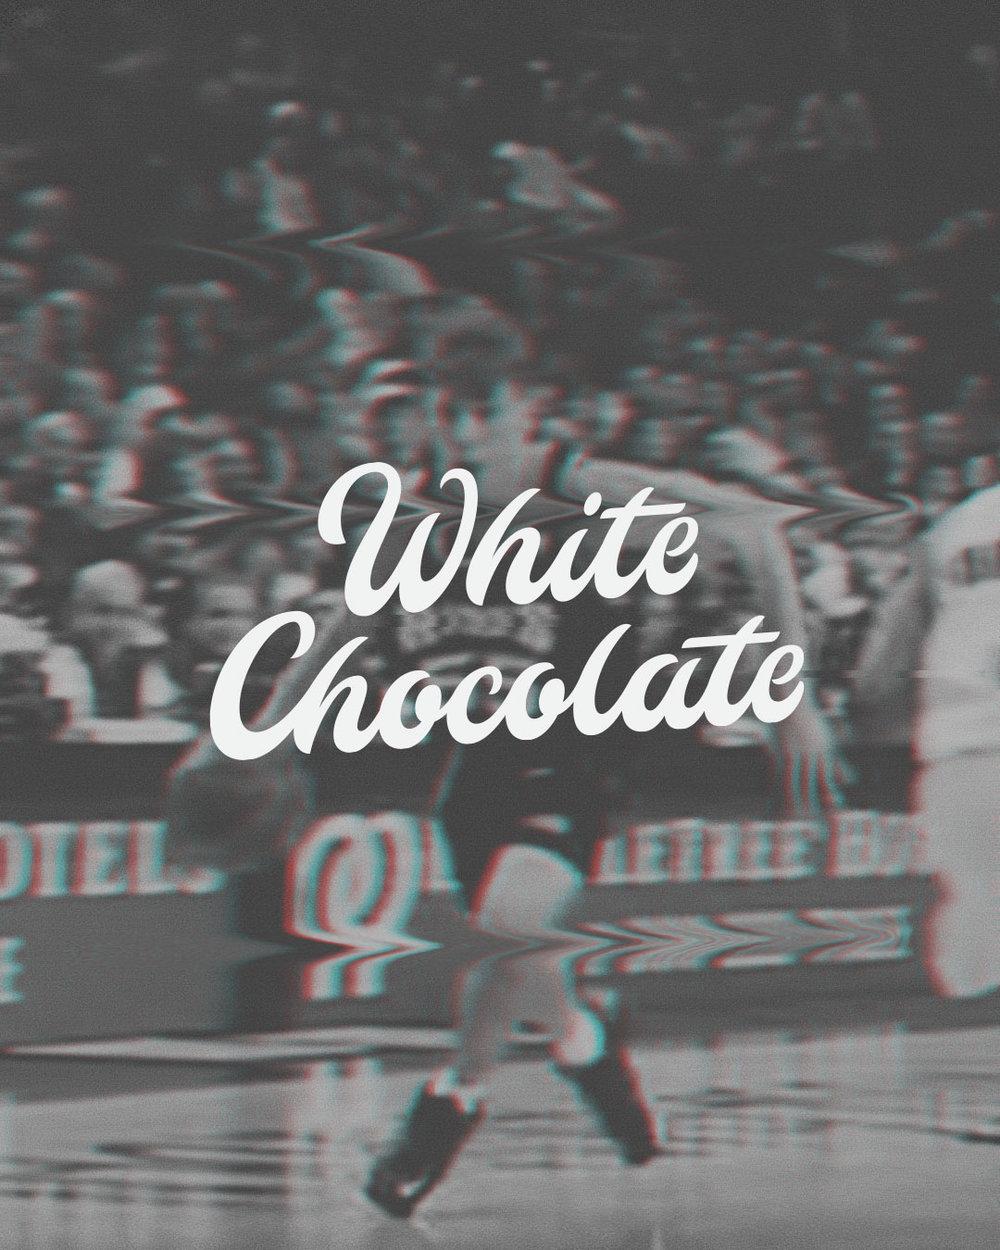 whitechocolate.jpg